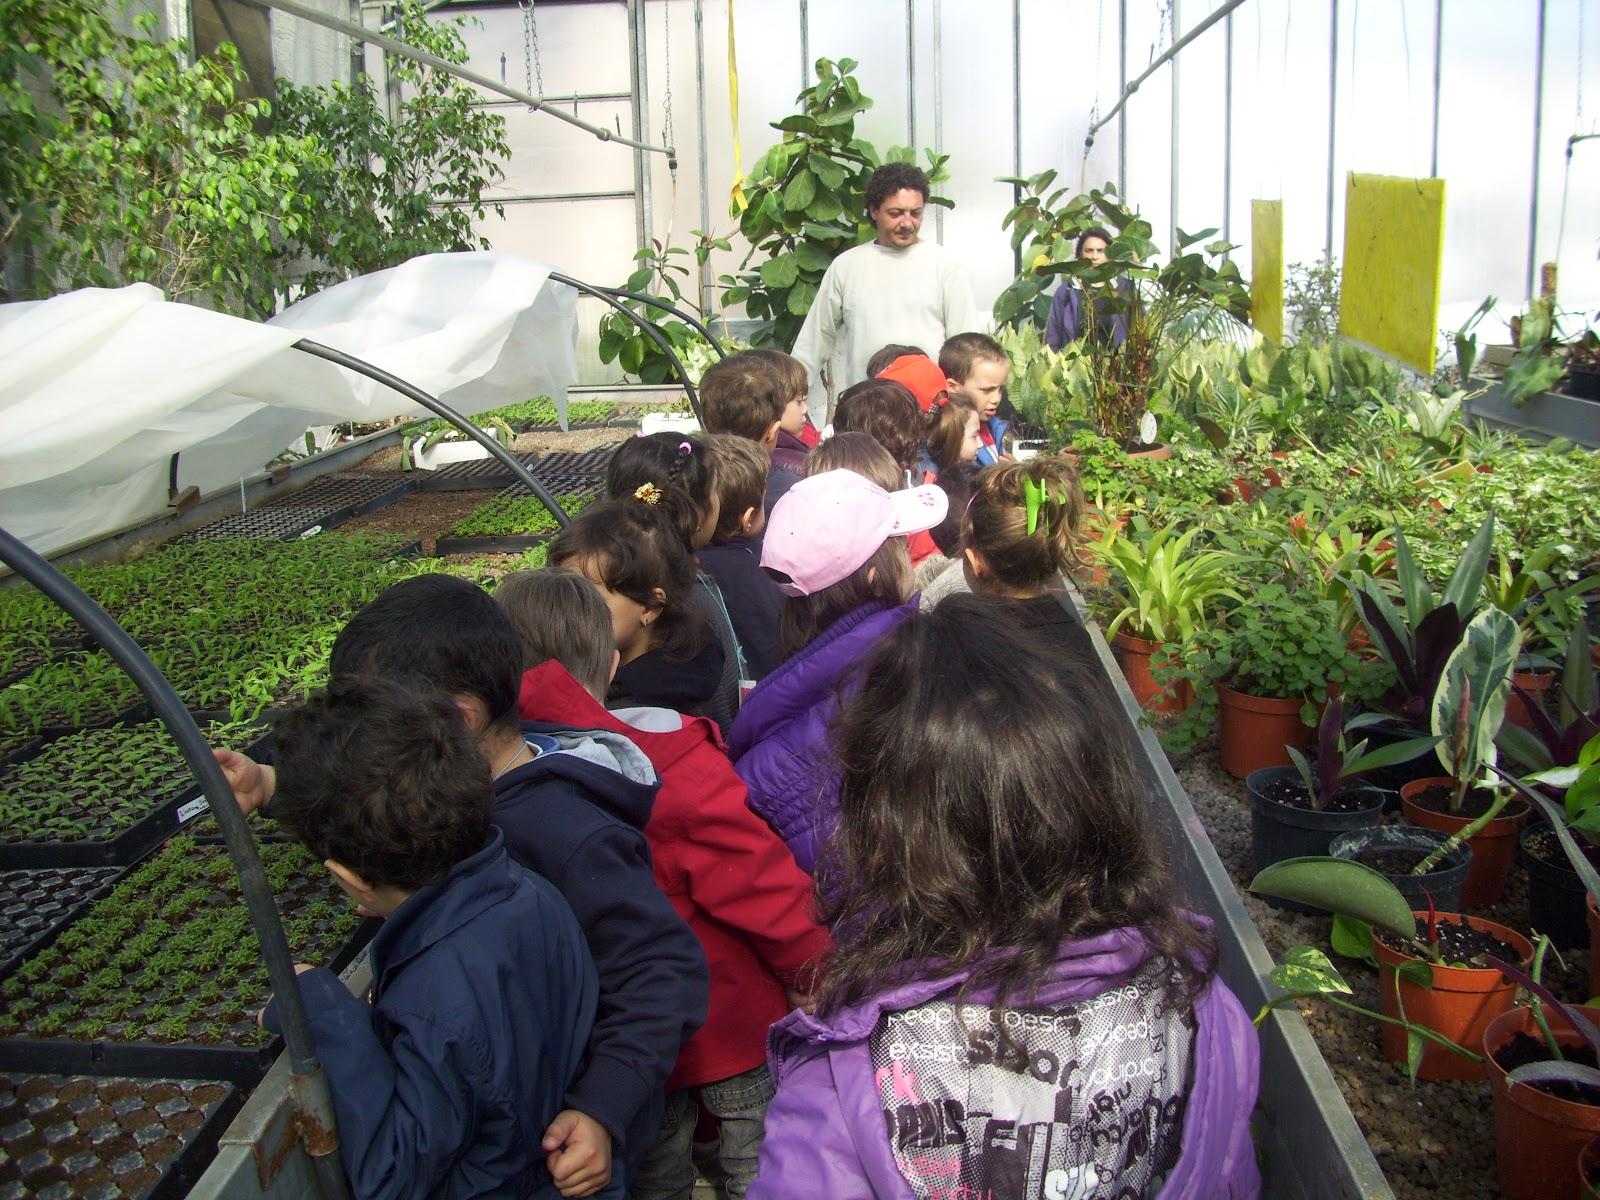 scuola gallini voghera lombardy - photo#10